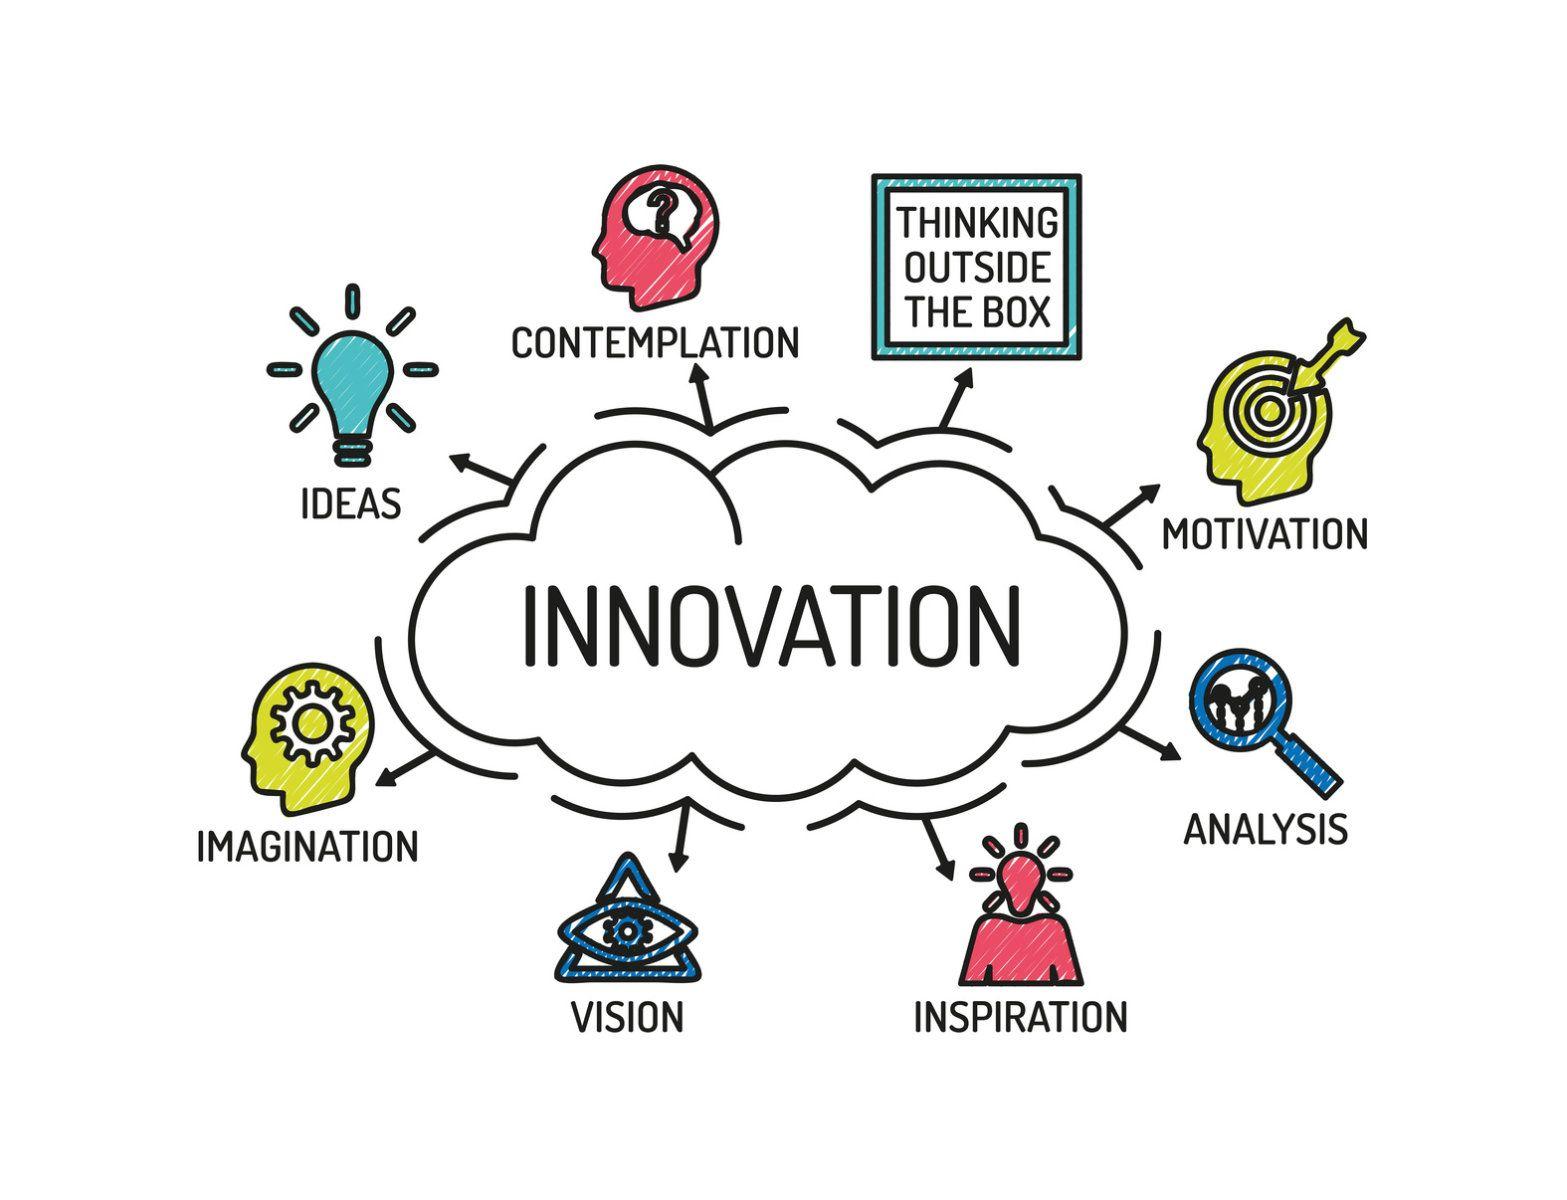 创新玩具设计思维